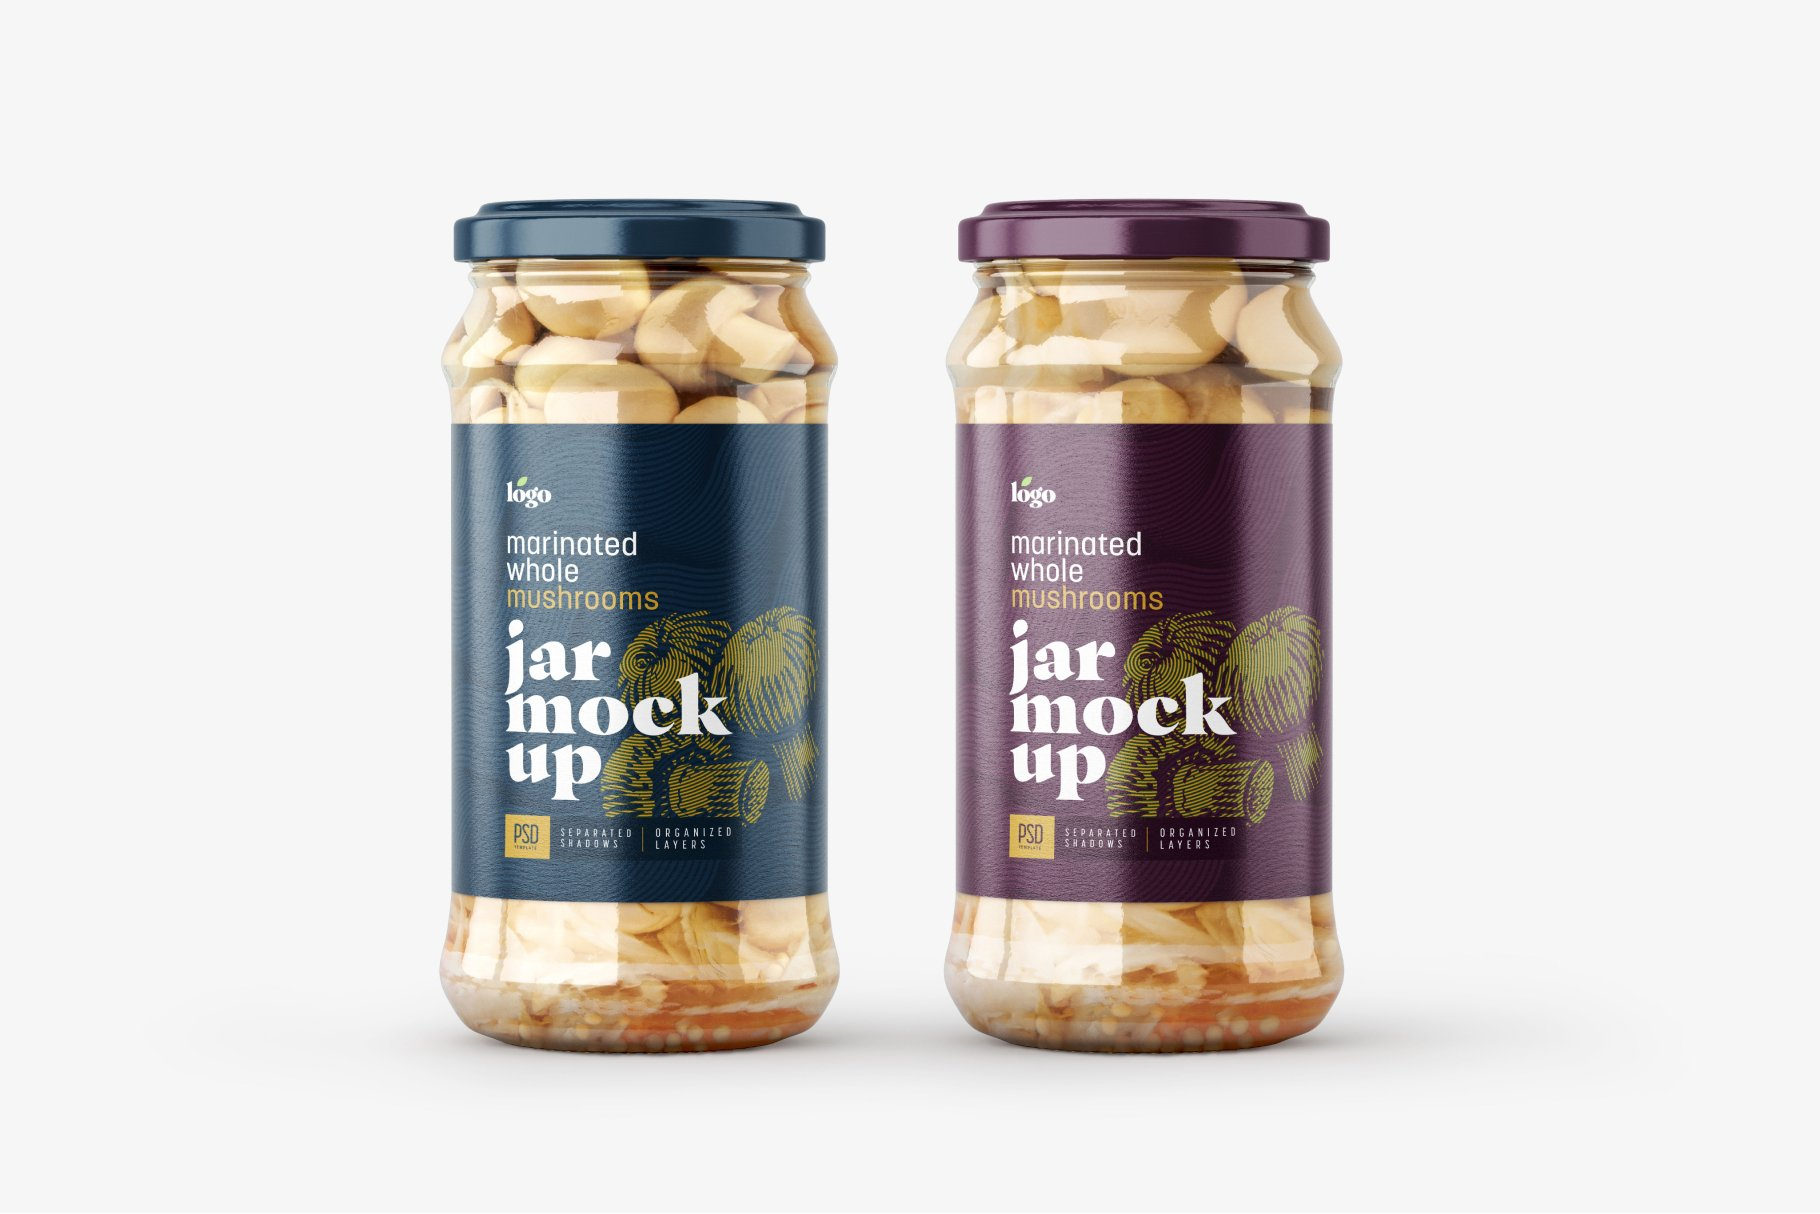 10款新潮蘑菇果酱水果罐头玻璃瓶标签设计展示样机合集 Whole Mushroom Jar Mockup Set插图5